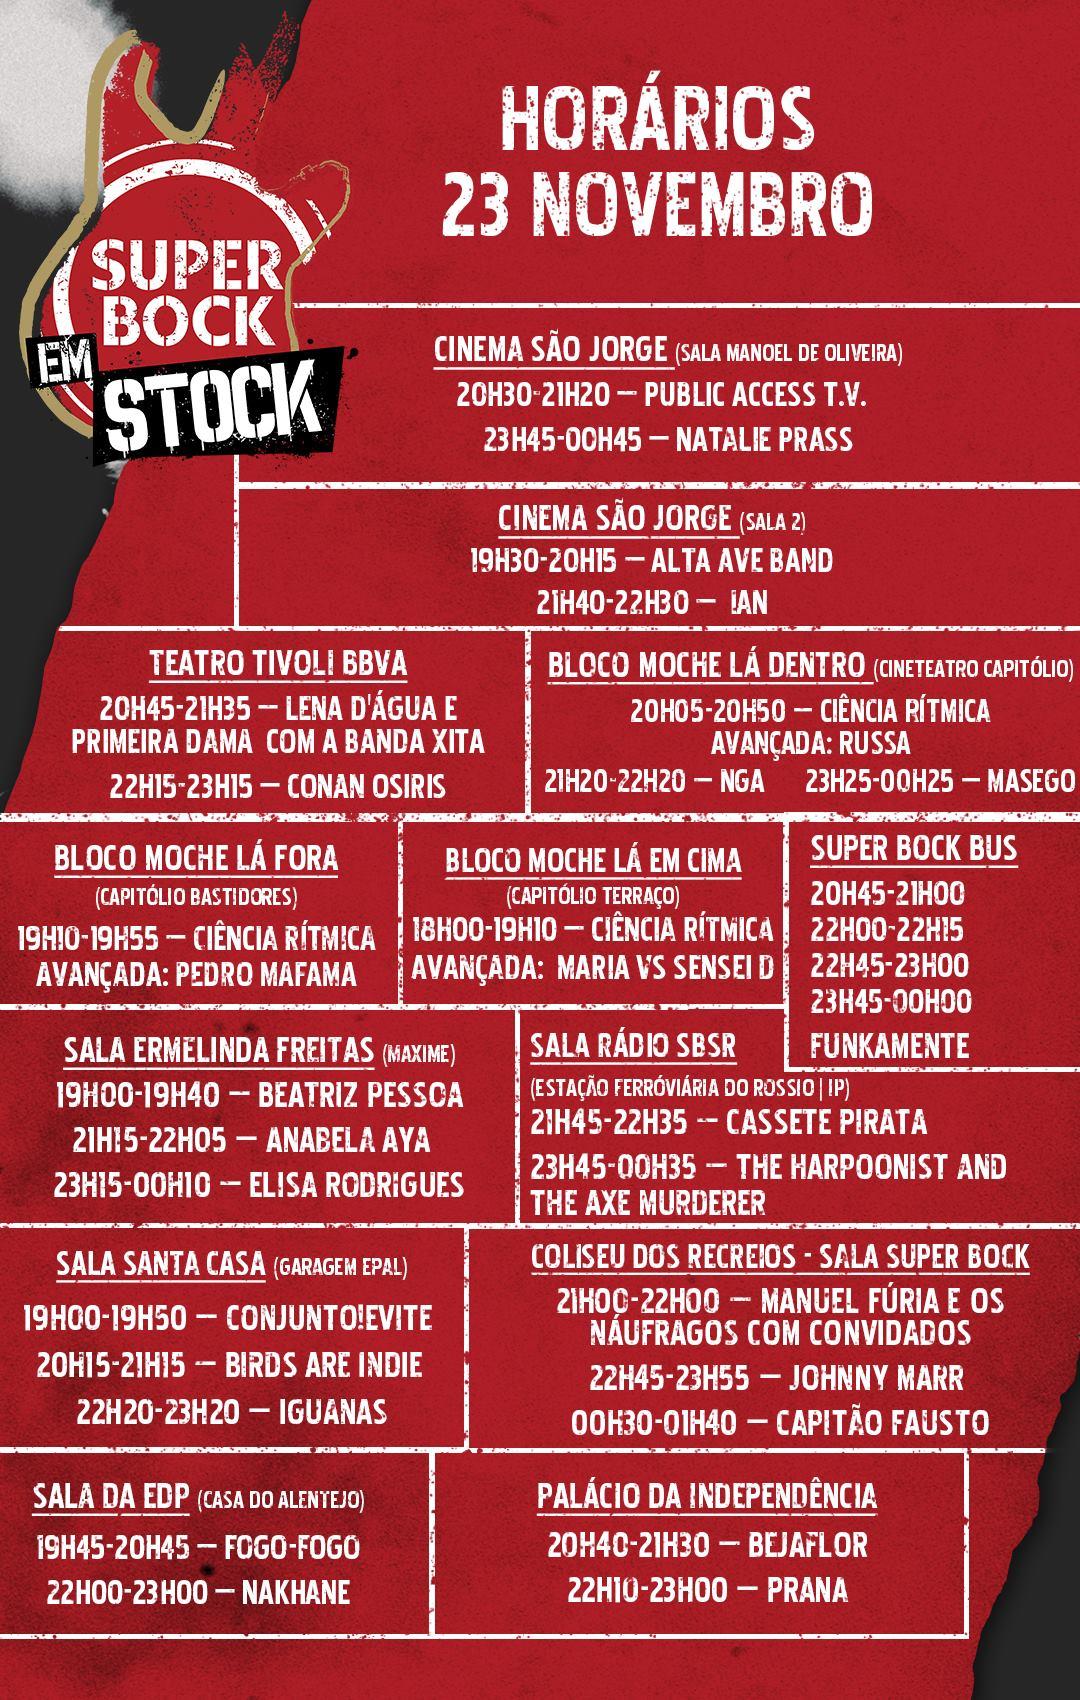 Super Bock em Stock - Horários 23 novembro